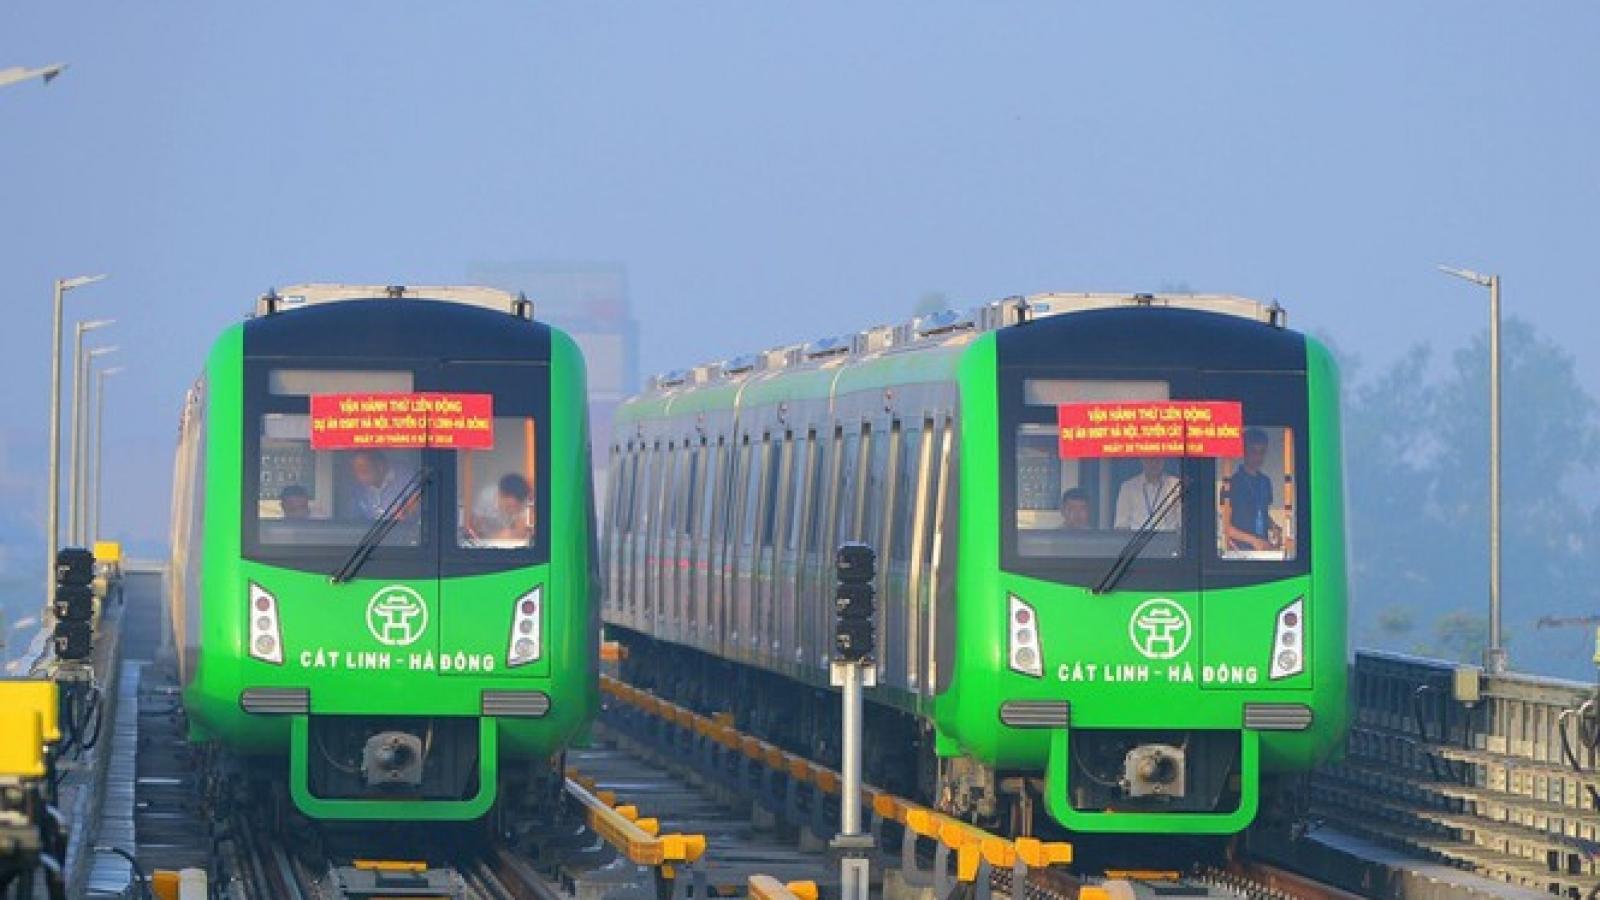 Đường sắt Cát Linh - Hà Đông: Sẽ không có 50 triệu USD cho tổng thầu?